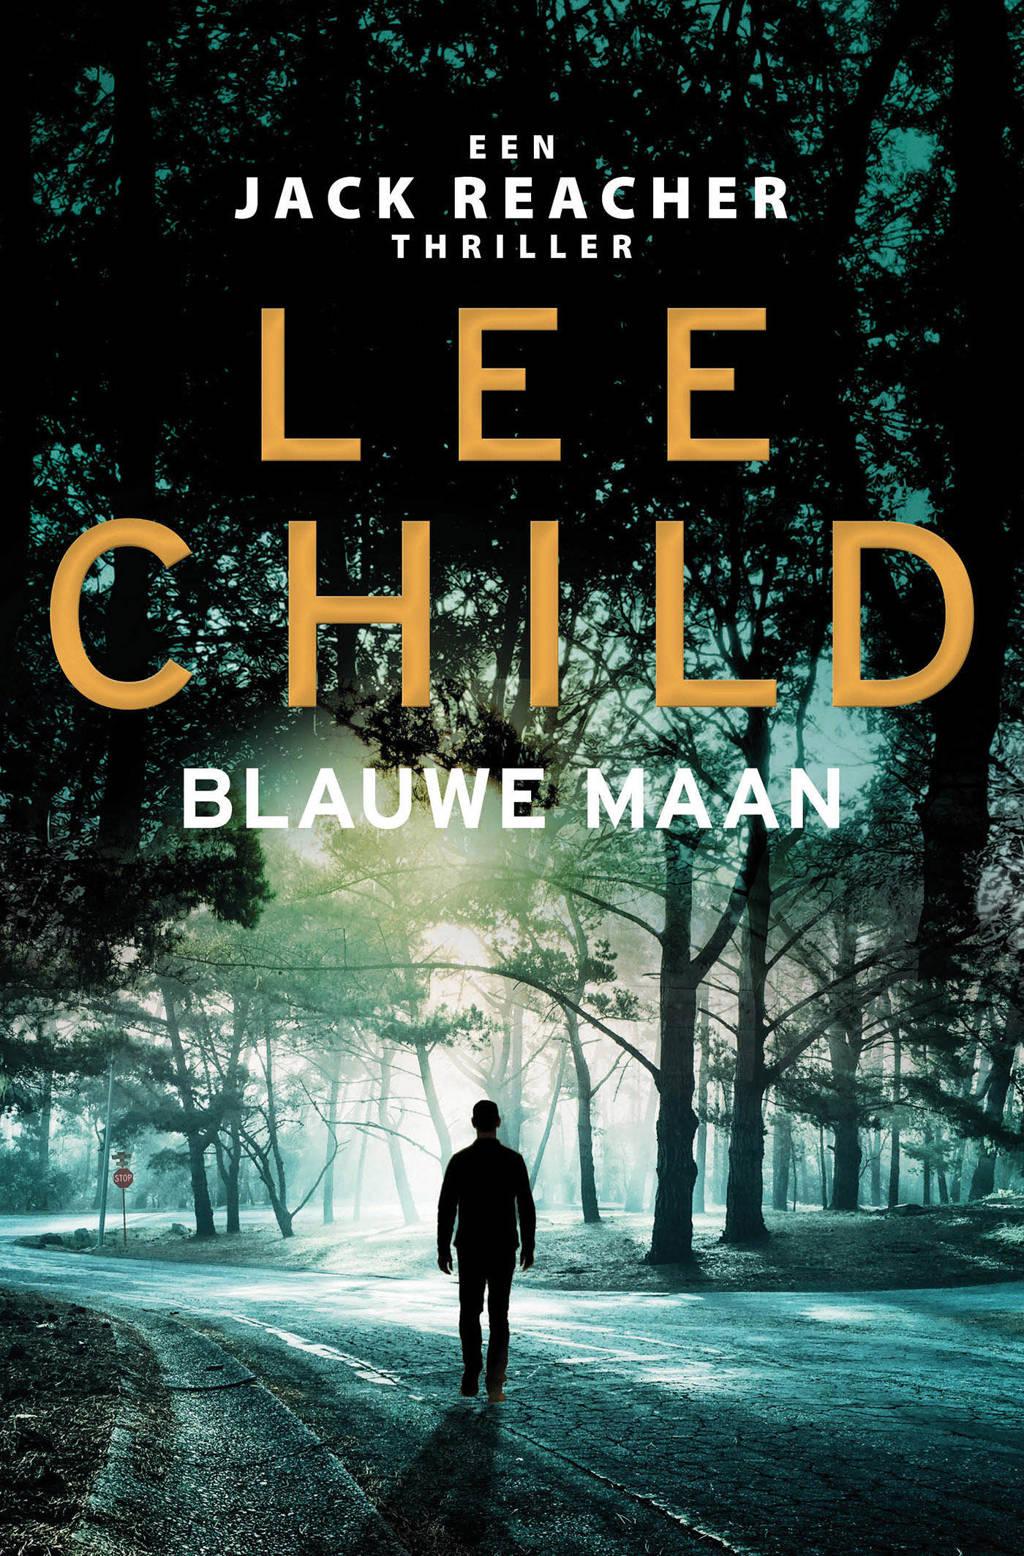 Jack Reacher: Blauwe maan - Lee Child